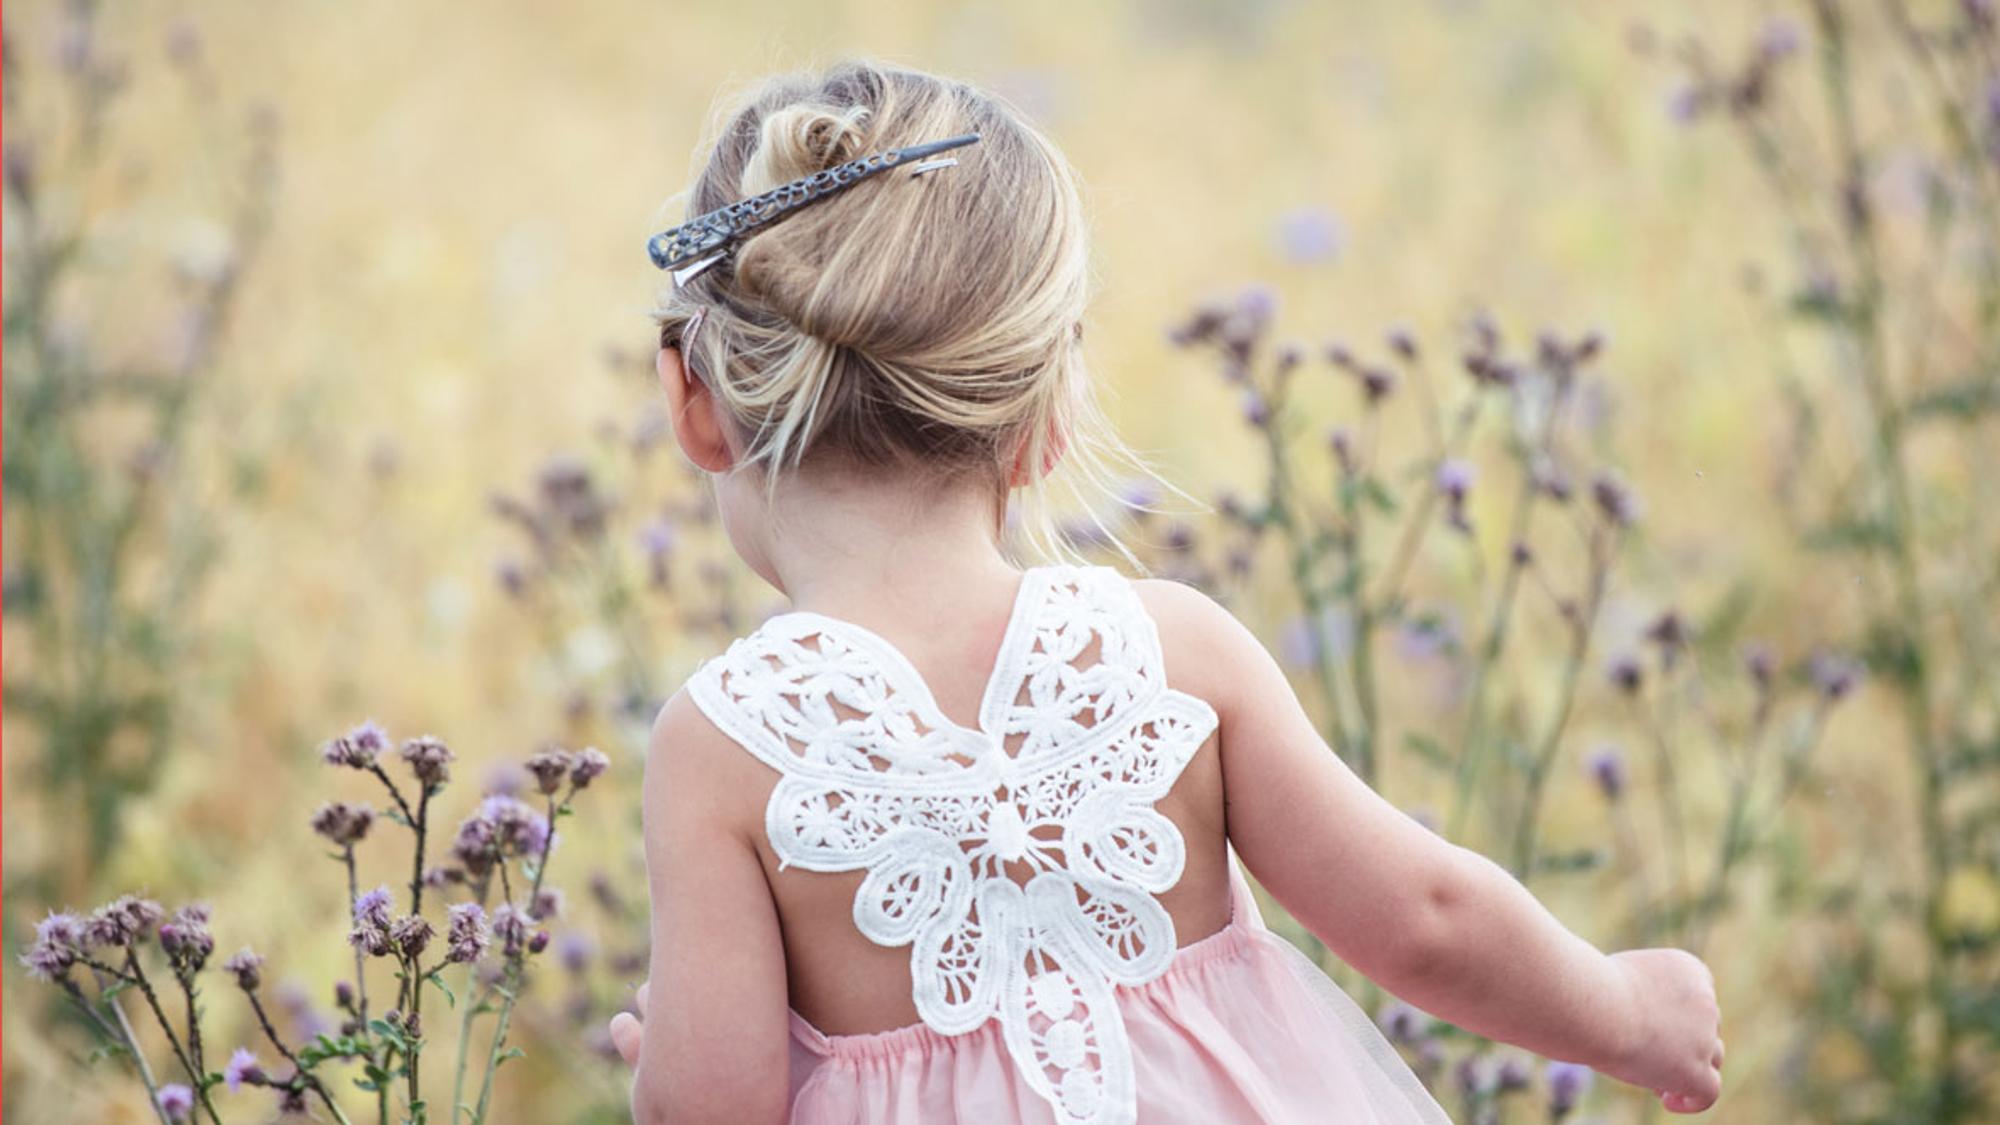 Kinderfrisuren 20 Susse Frisuren Ideen Fur Jeden Tag Hallo Eltern